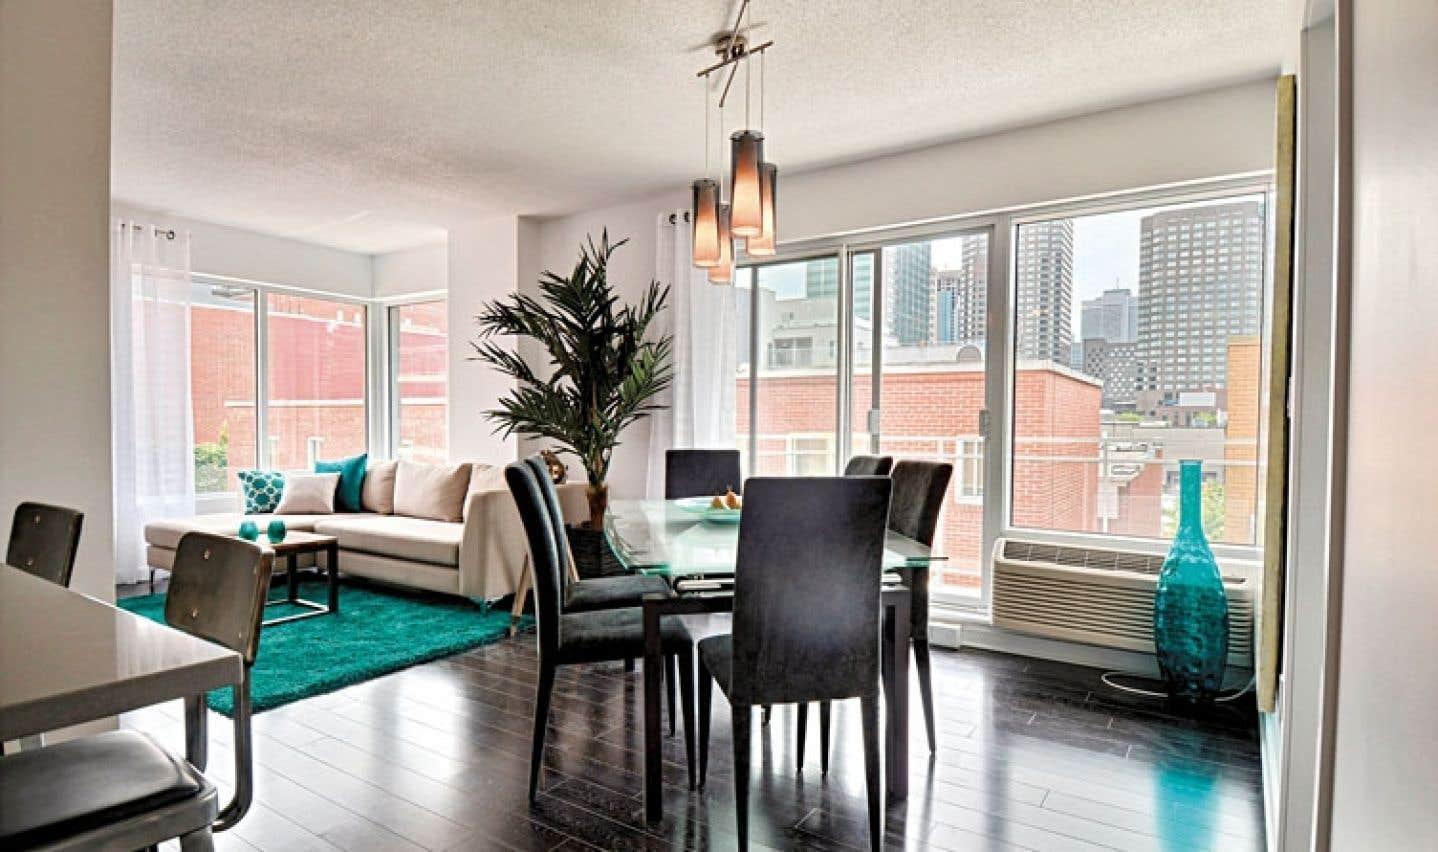 Un exemple d'aménagement de salon et salle à manger d'un logement comprenant deux chambres